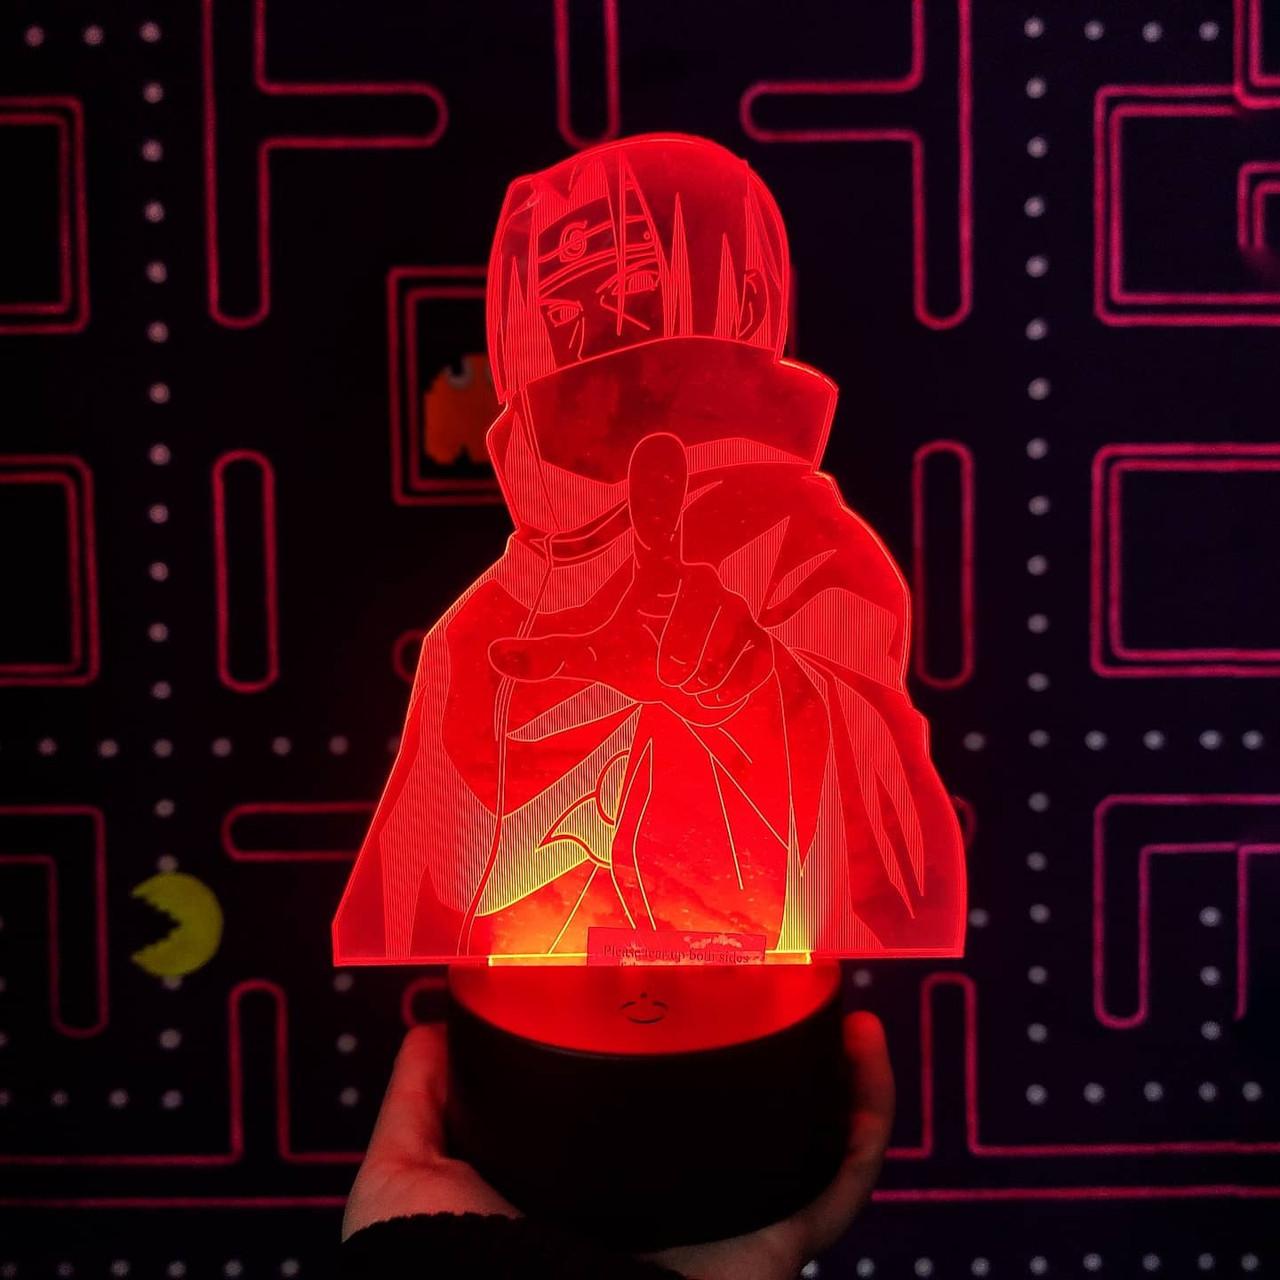 Светильник Итачи - Наруто